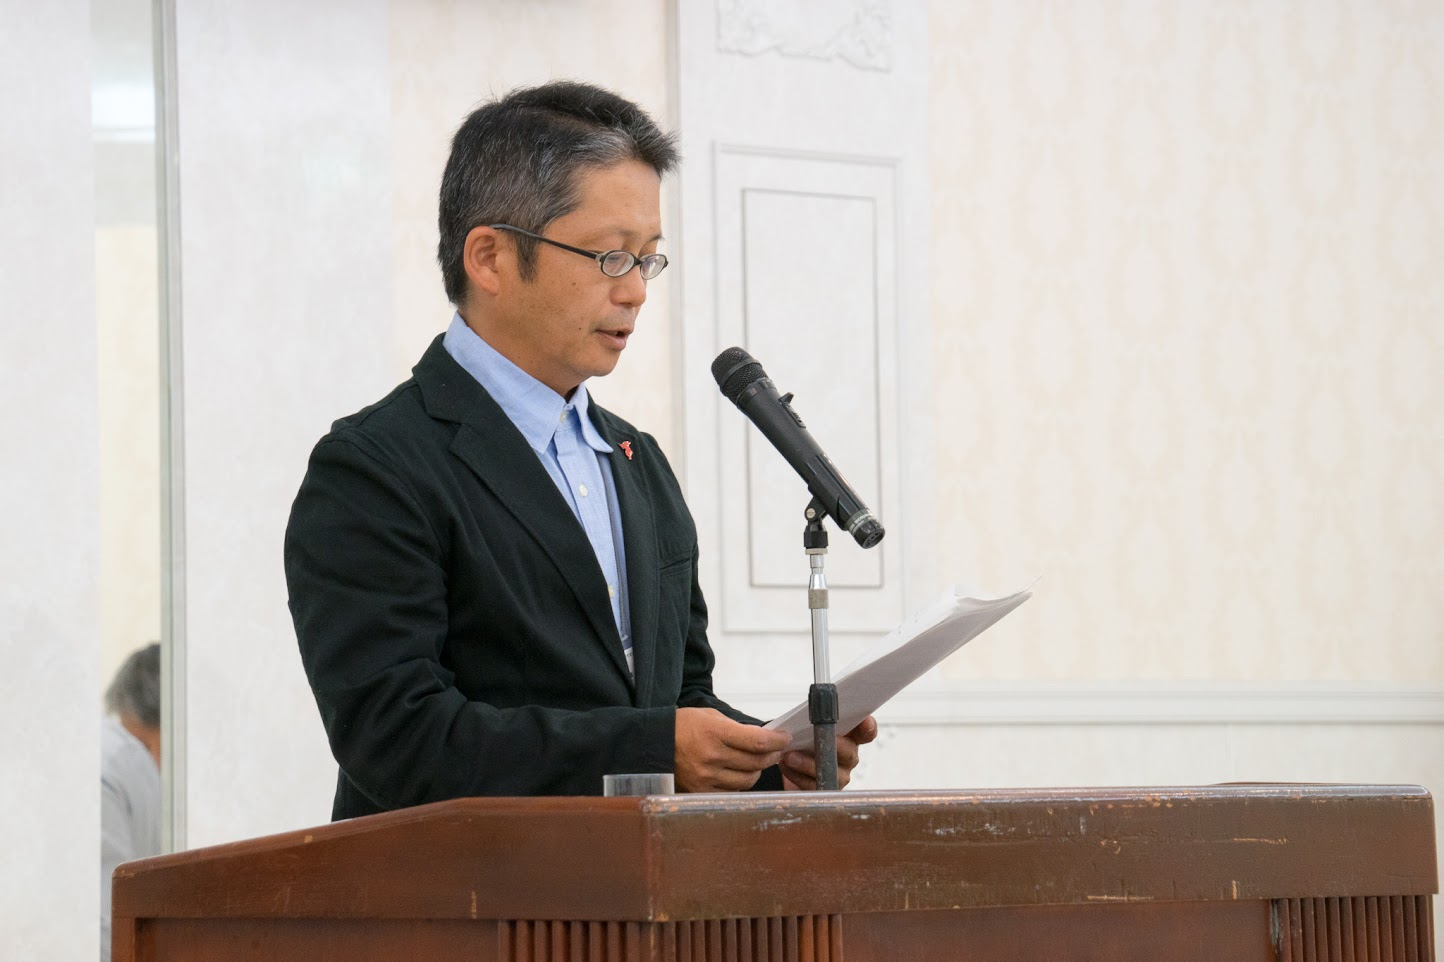 渡邊和彦 氏(農事組合法人 三芳村蛍まい研究会)